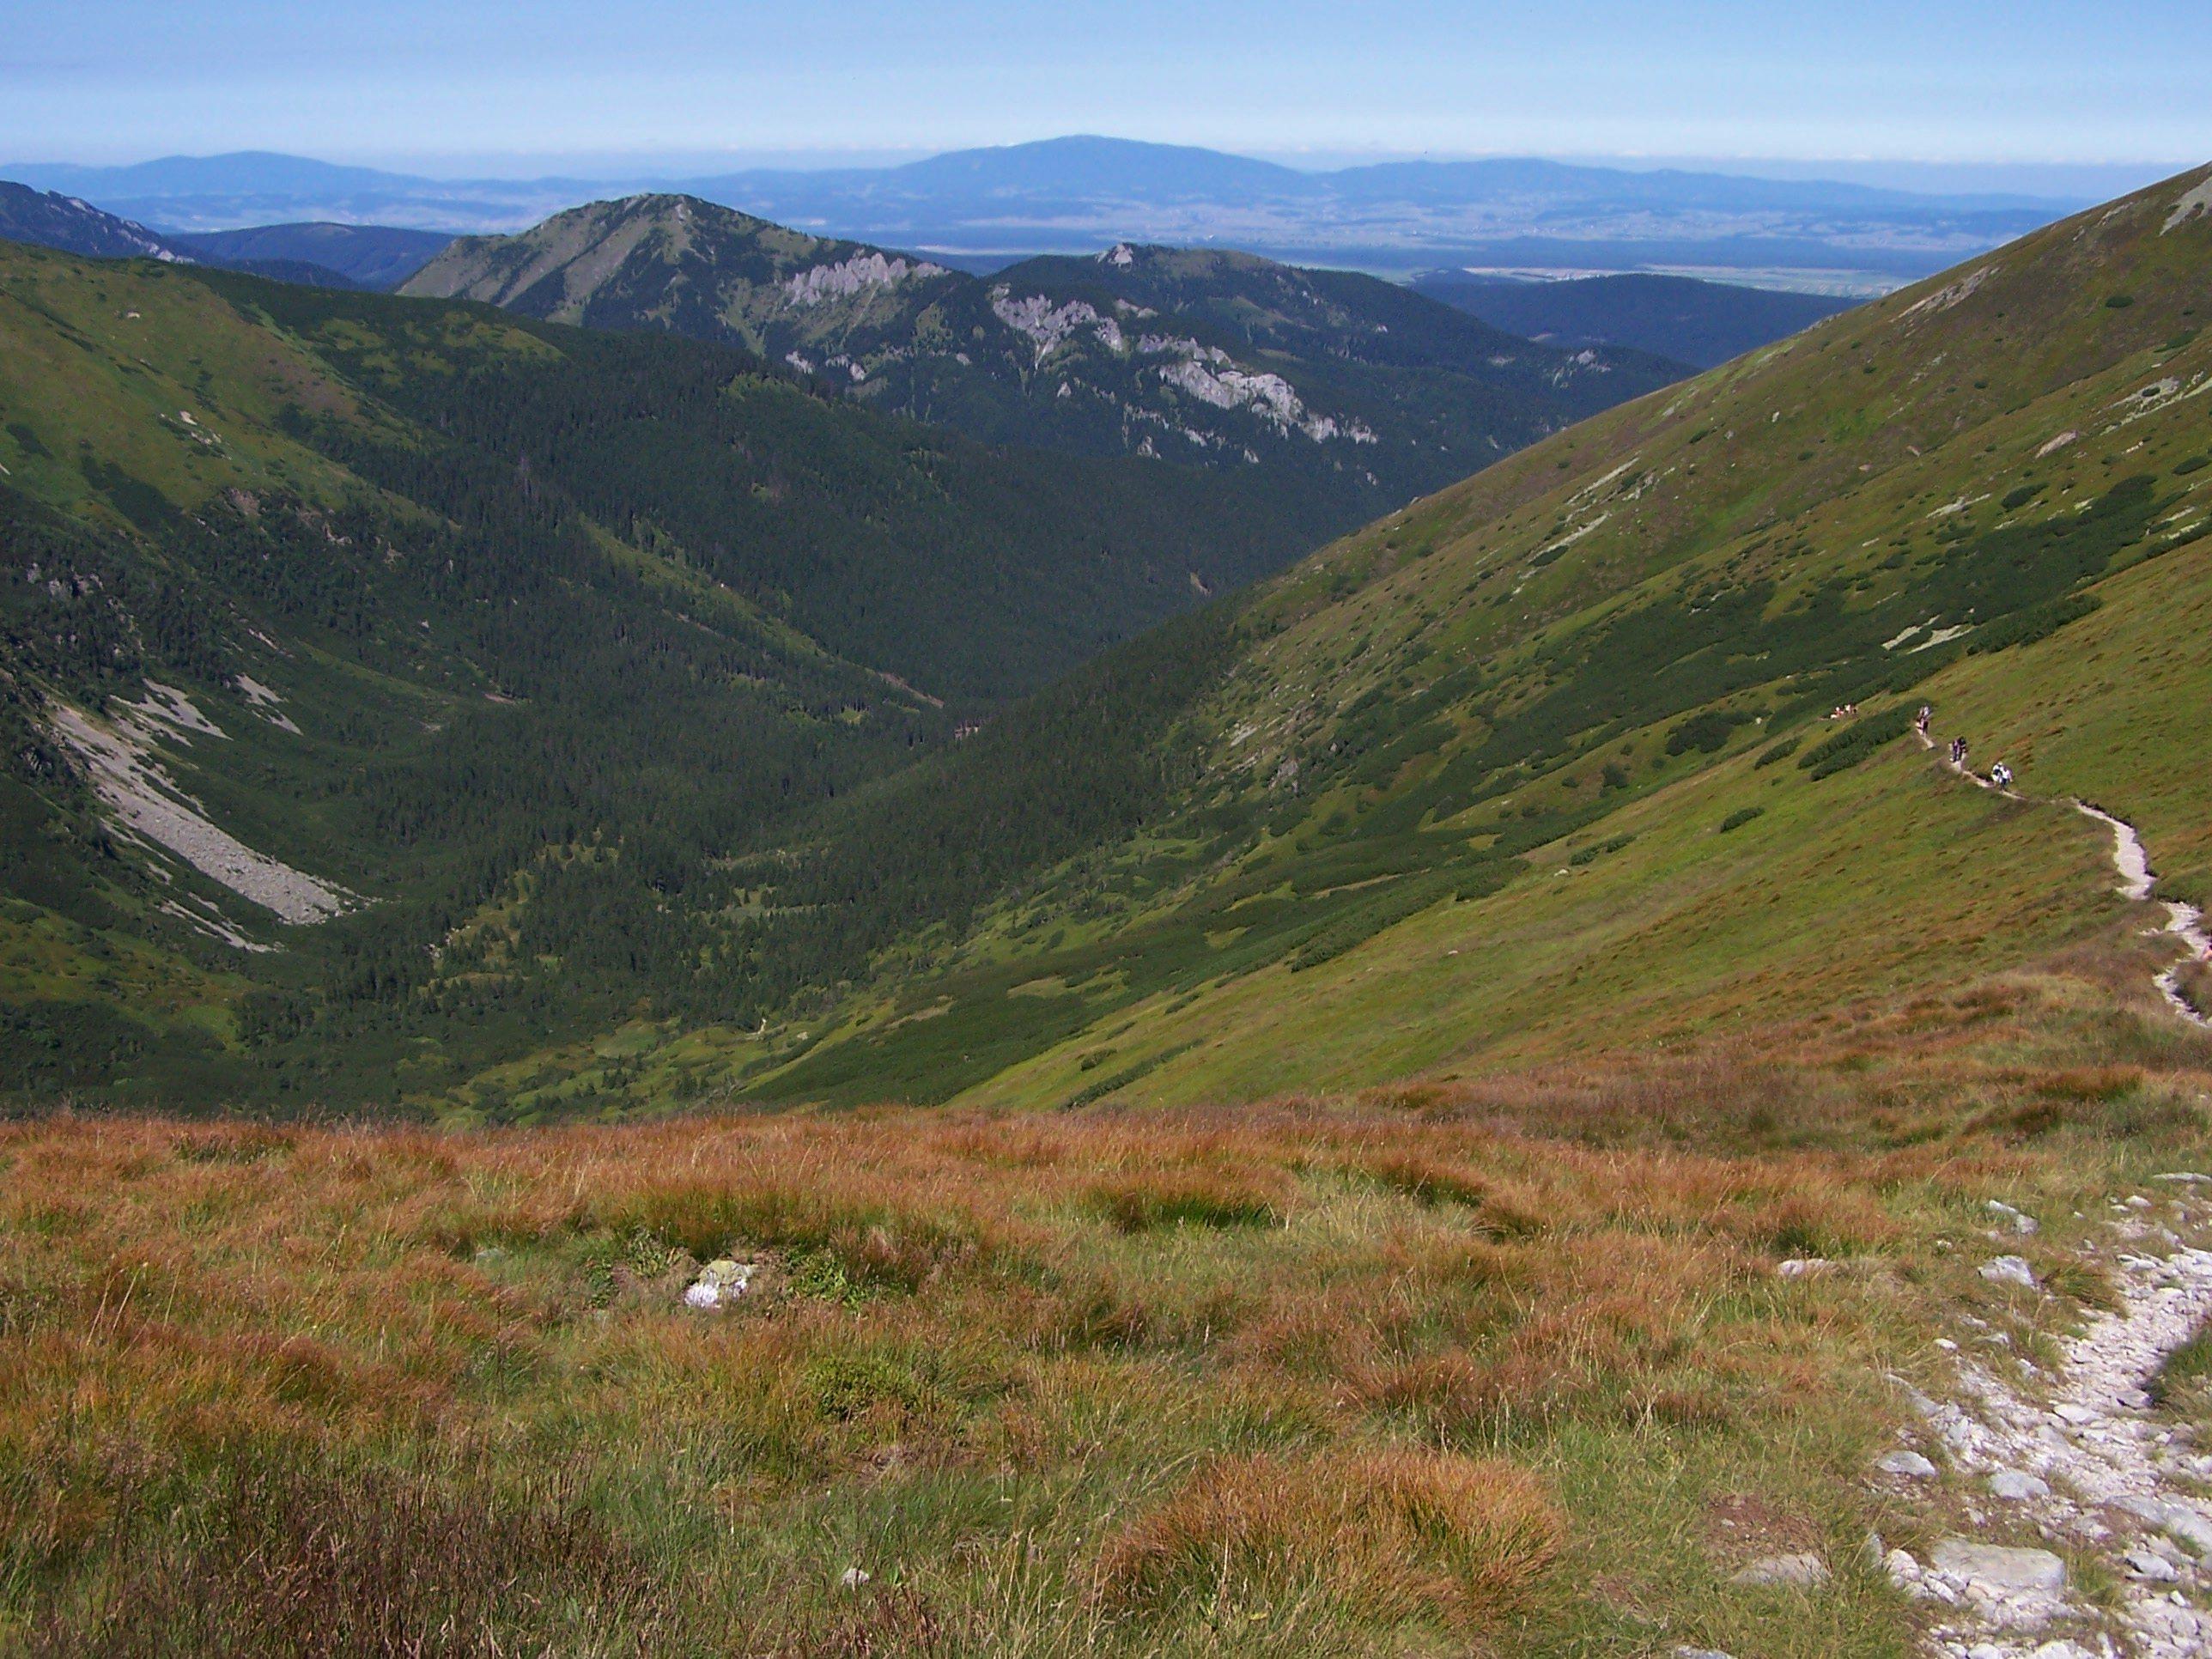 Górne partie Doliny Starorobociańskiej, fot. Jerzy Opioła, źródło: Wikimedia, GNU